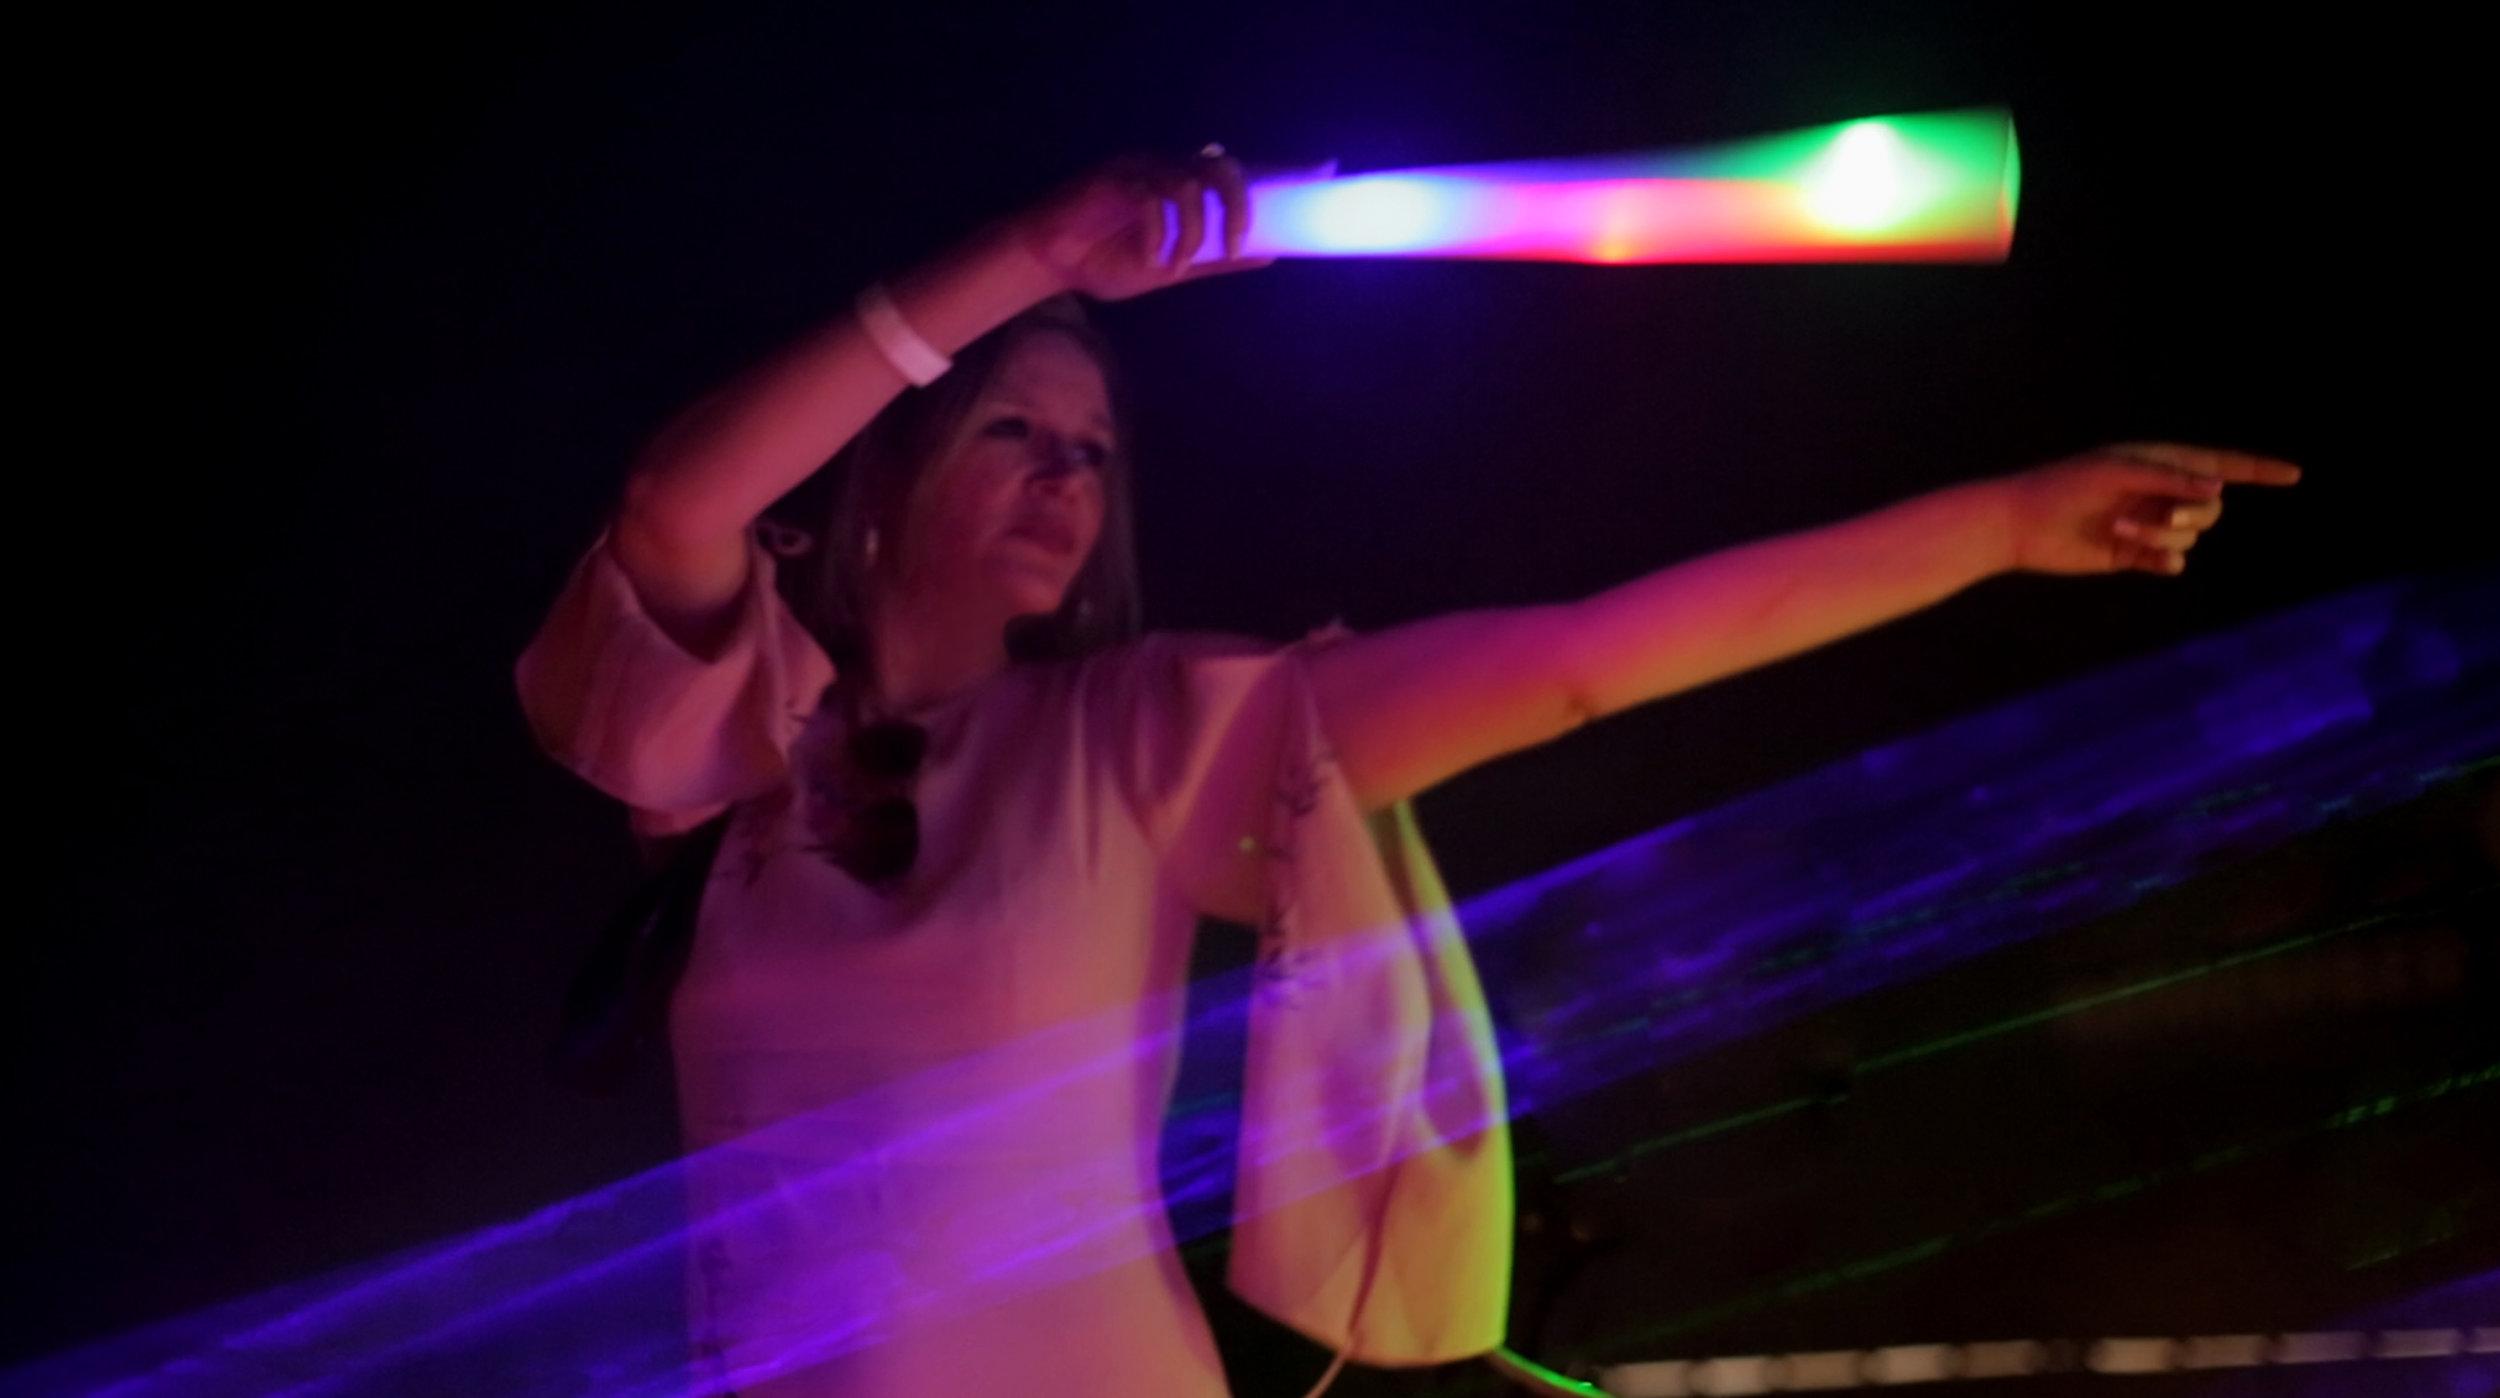 HM1 Glowstick girl.jpg